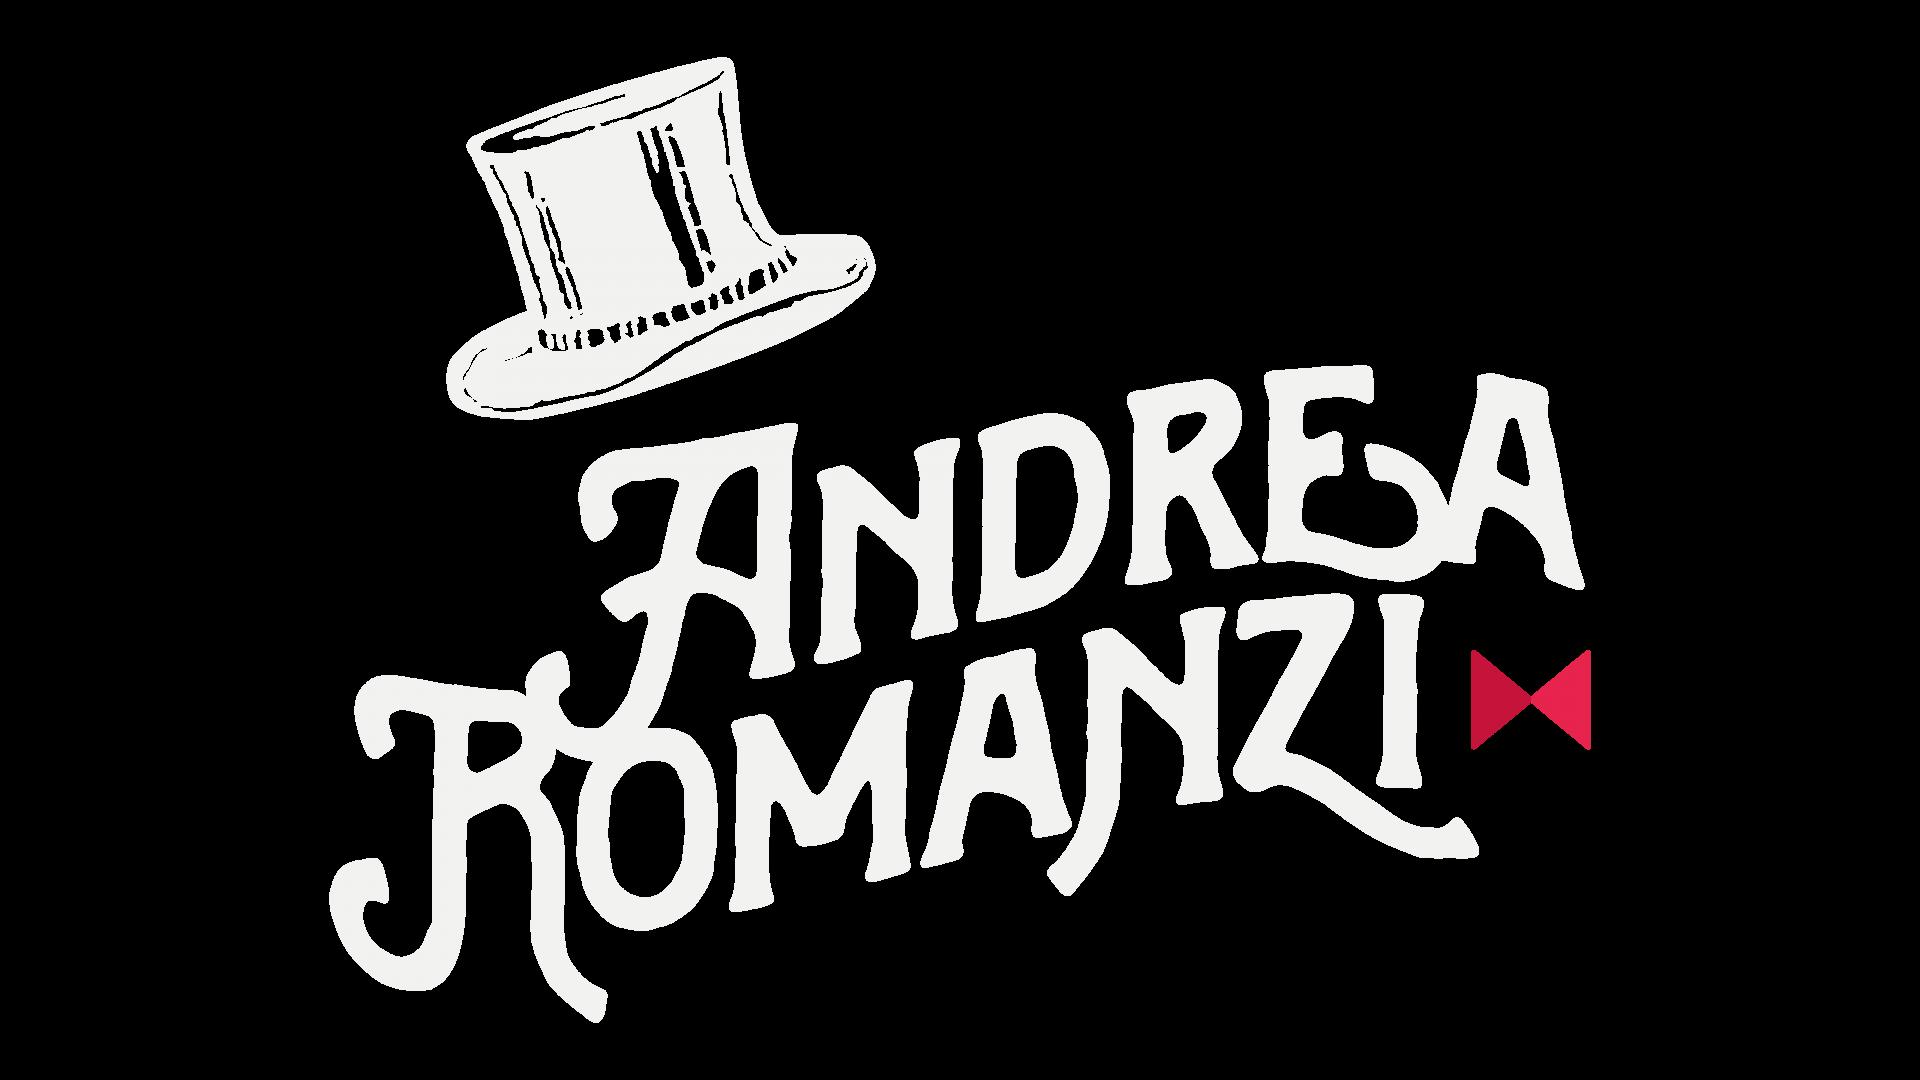 Andrea Romanzi